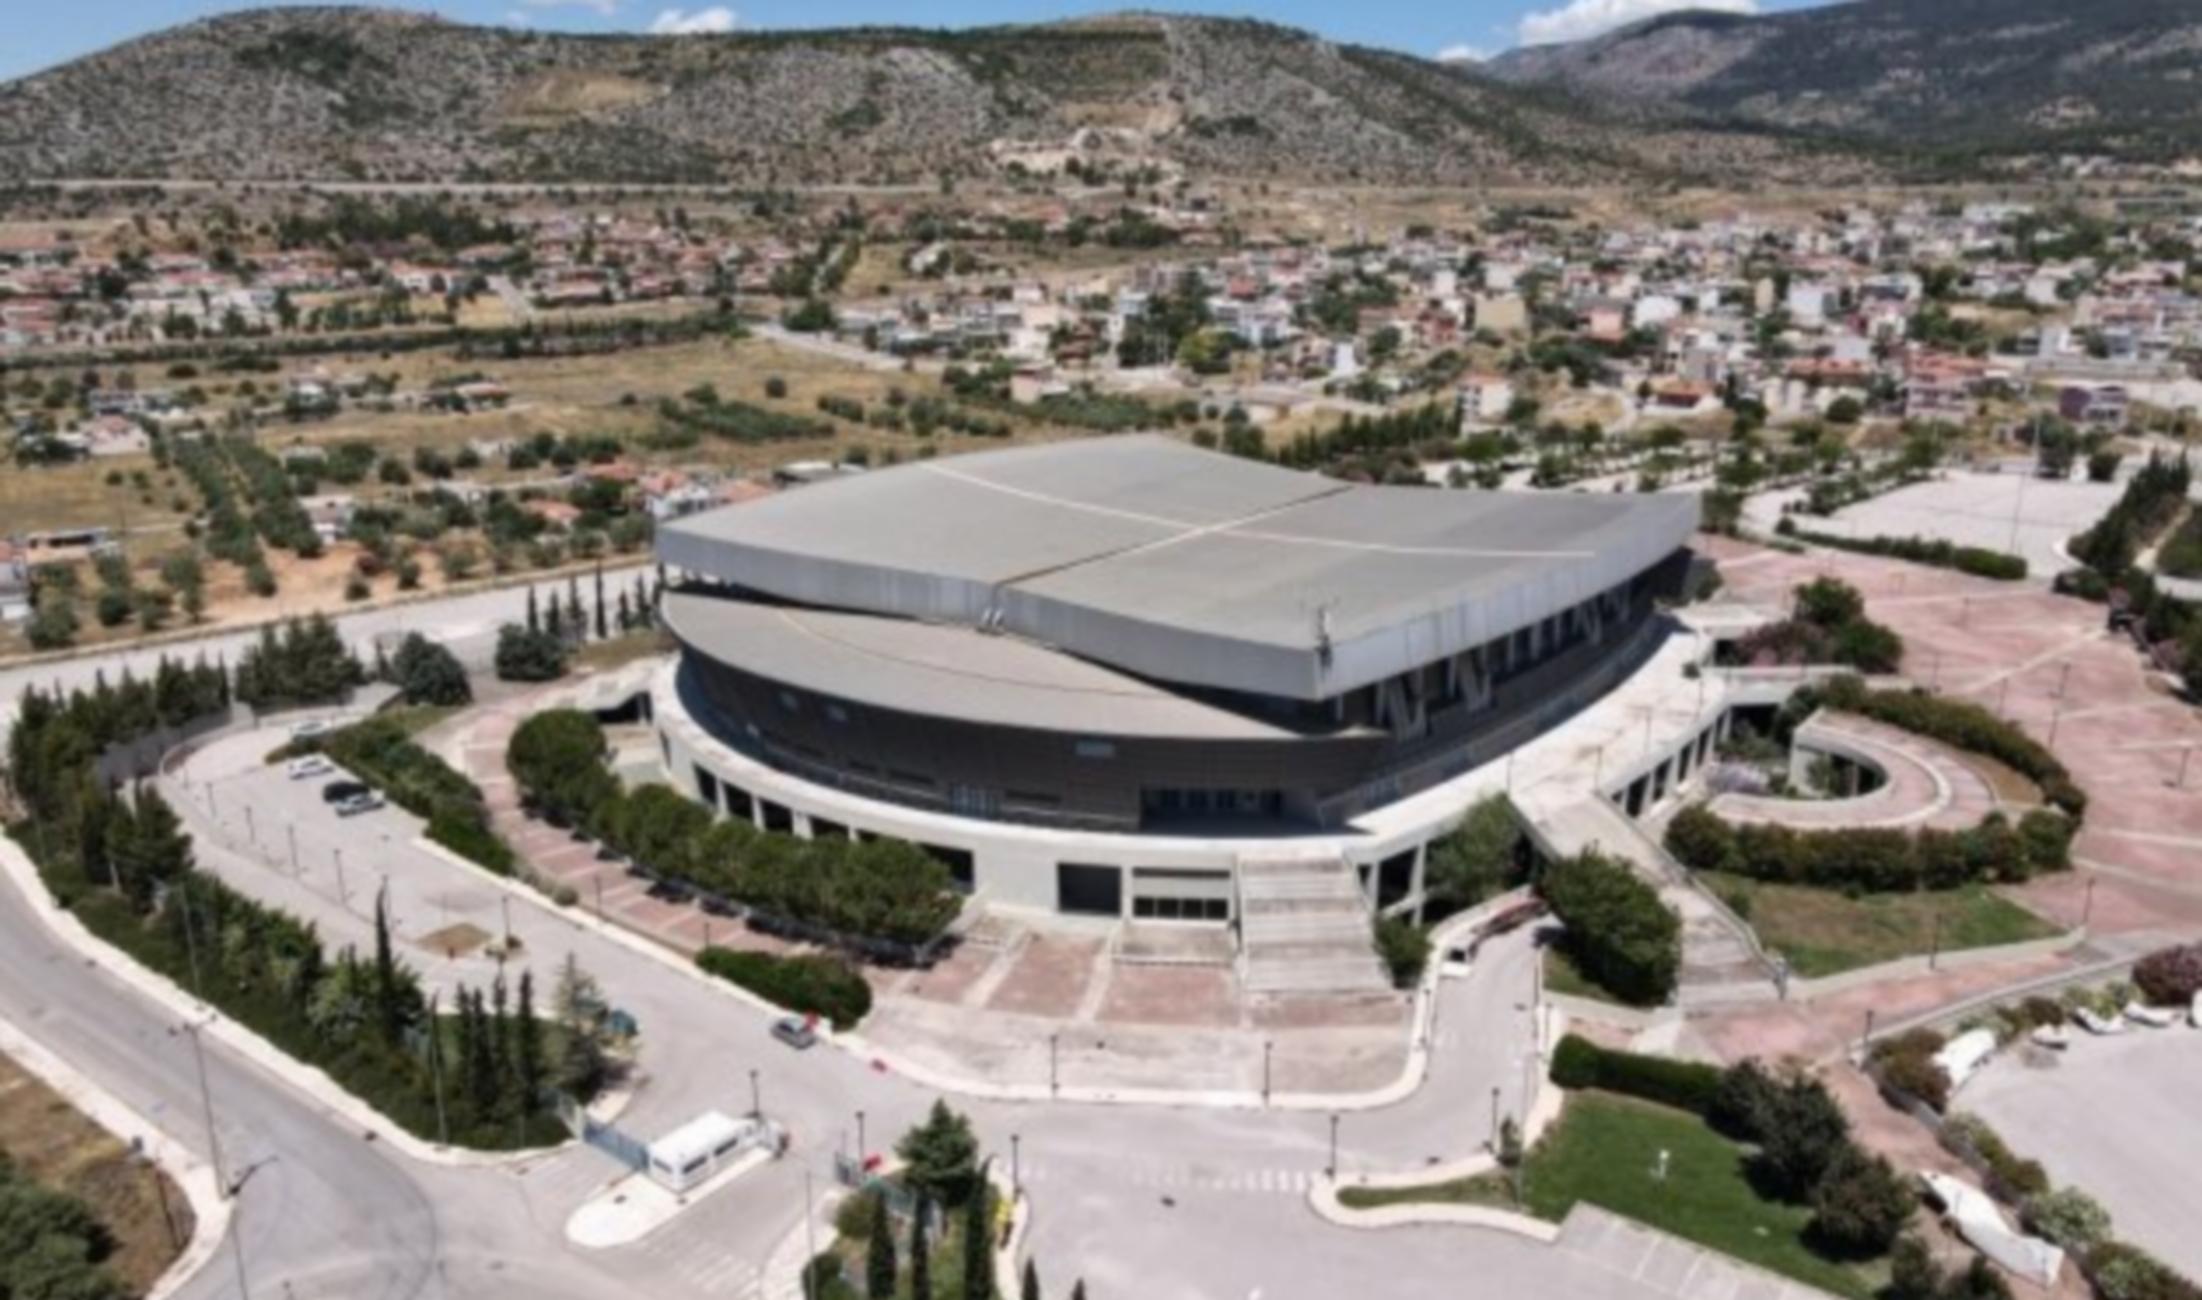 Η ΑΕΚ ανακοίνωσε ρεκόρ οπαδών σε ψηφοφορία για το νέο γήπεδο – Αυτό θα είναι το παρκέ (pic)